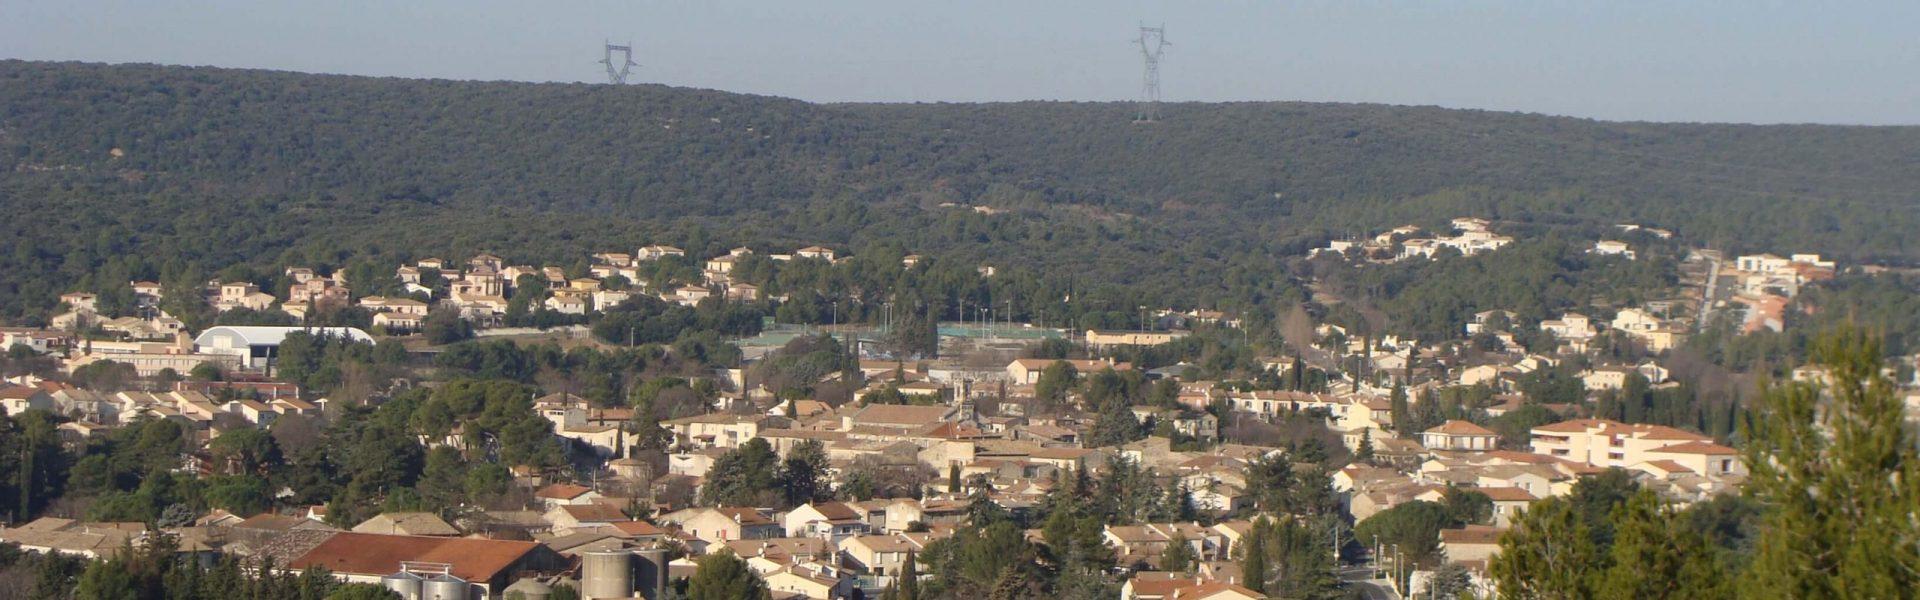 Vue panoramique de la ville de Saint-Gely-du-Fesc